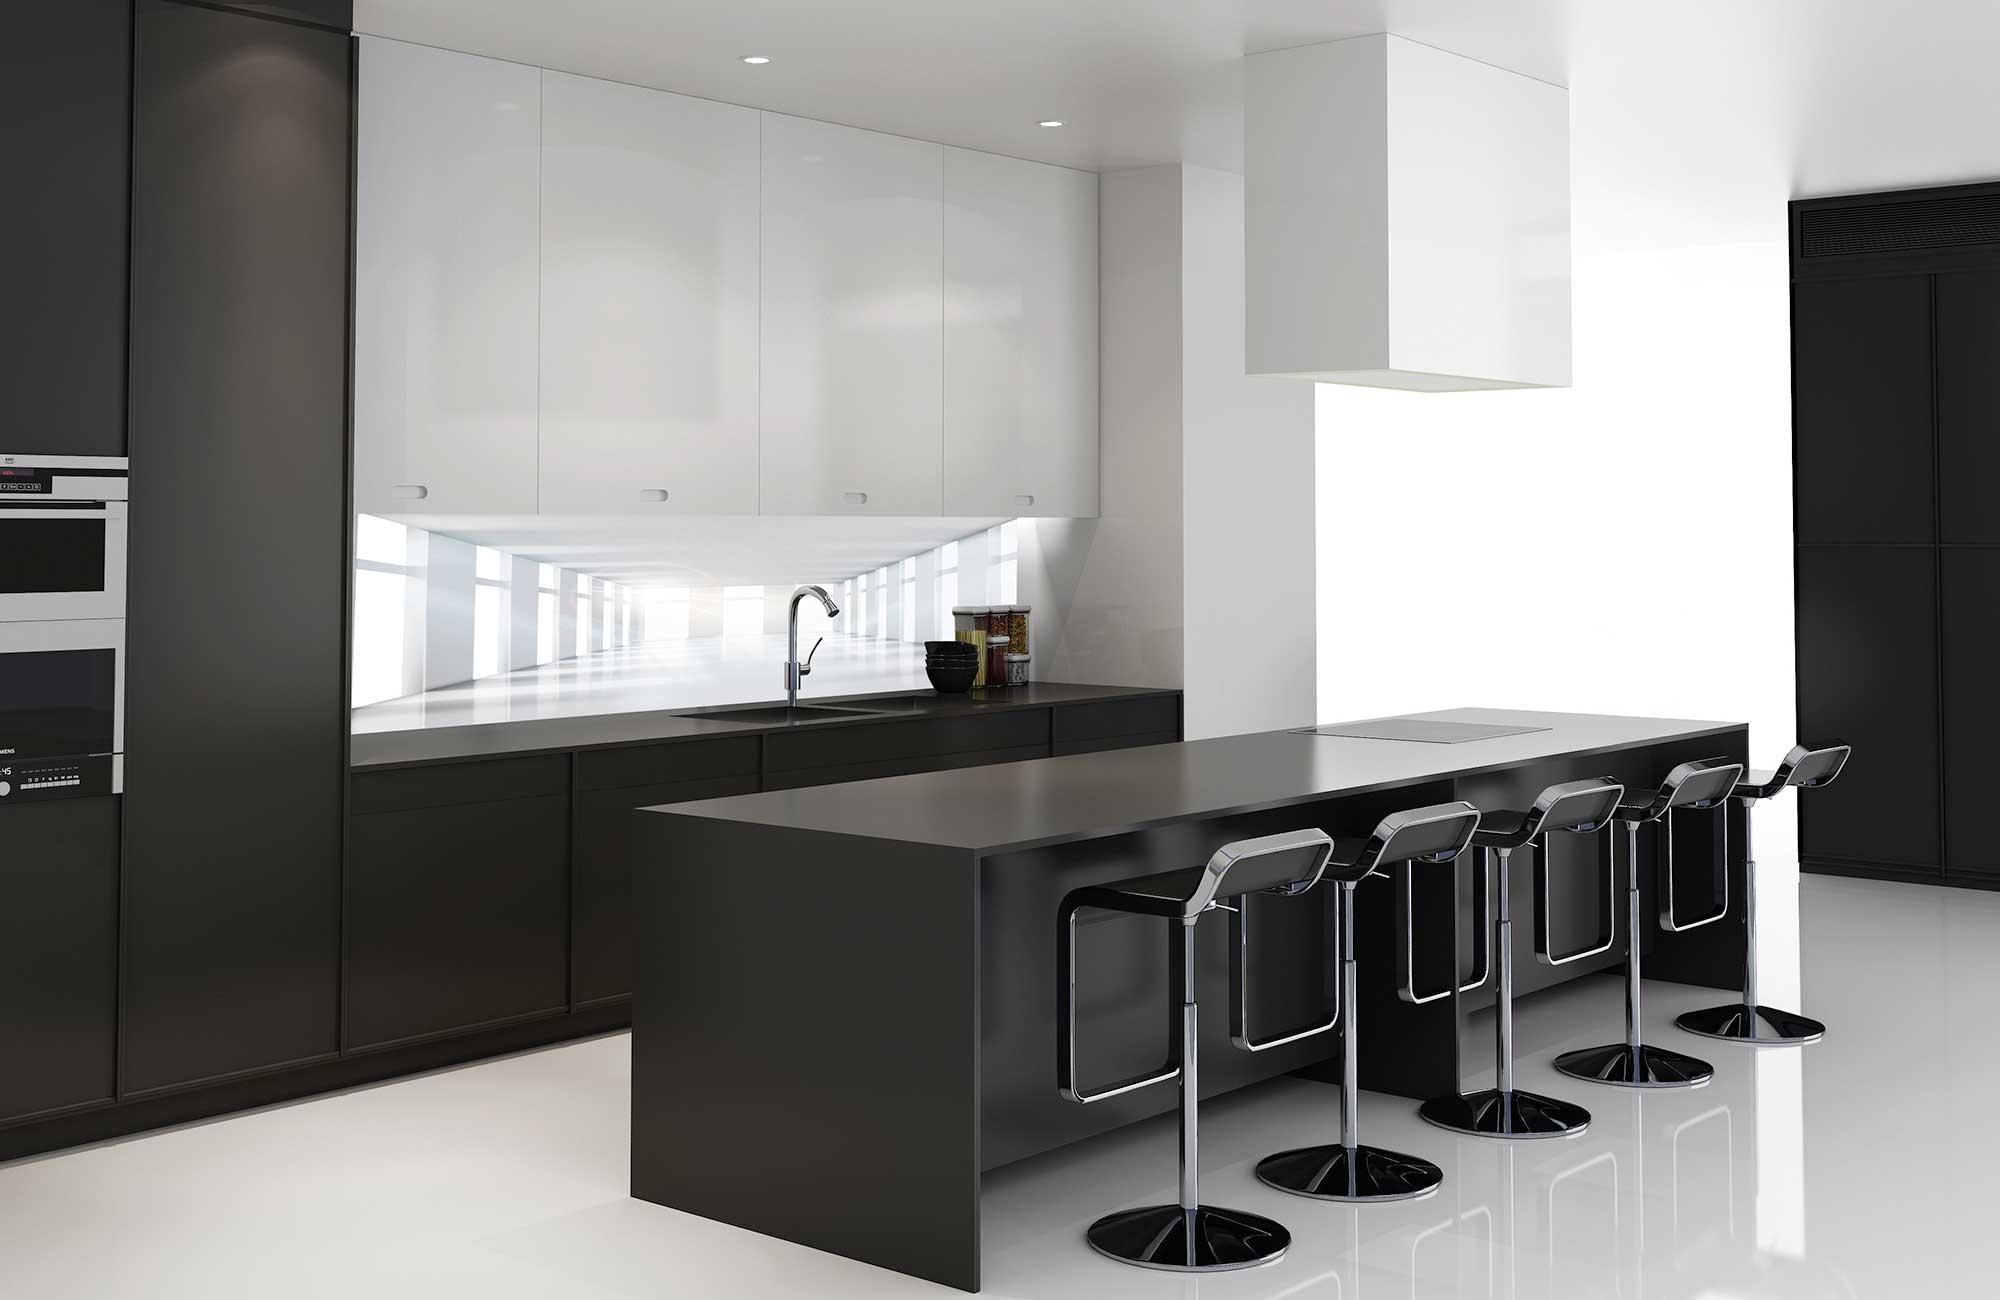 duschkabinen ganzglast ren k chenr ckw nde und mehr. Black Bedroom Furniture Sets. Home Design Ideas